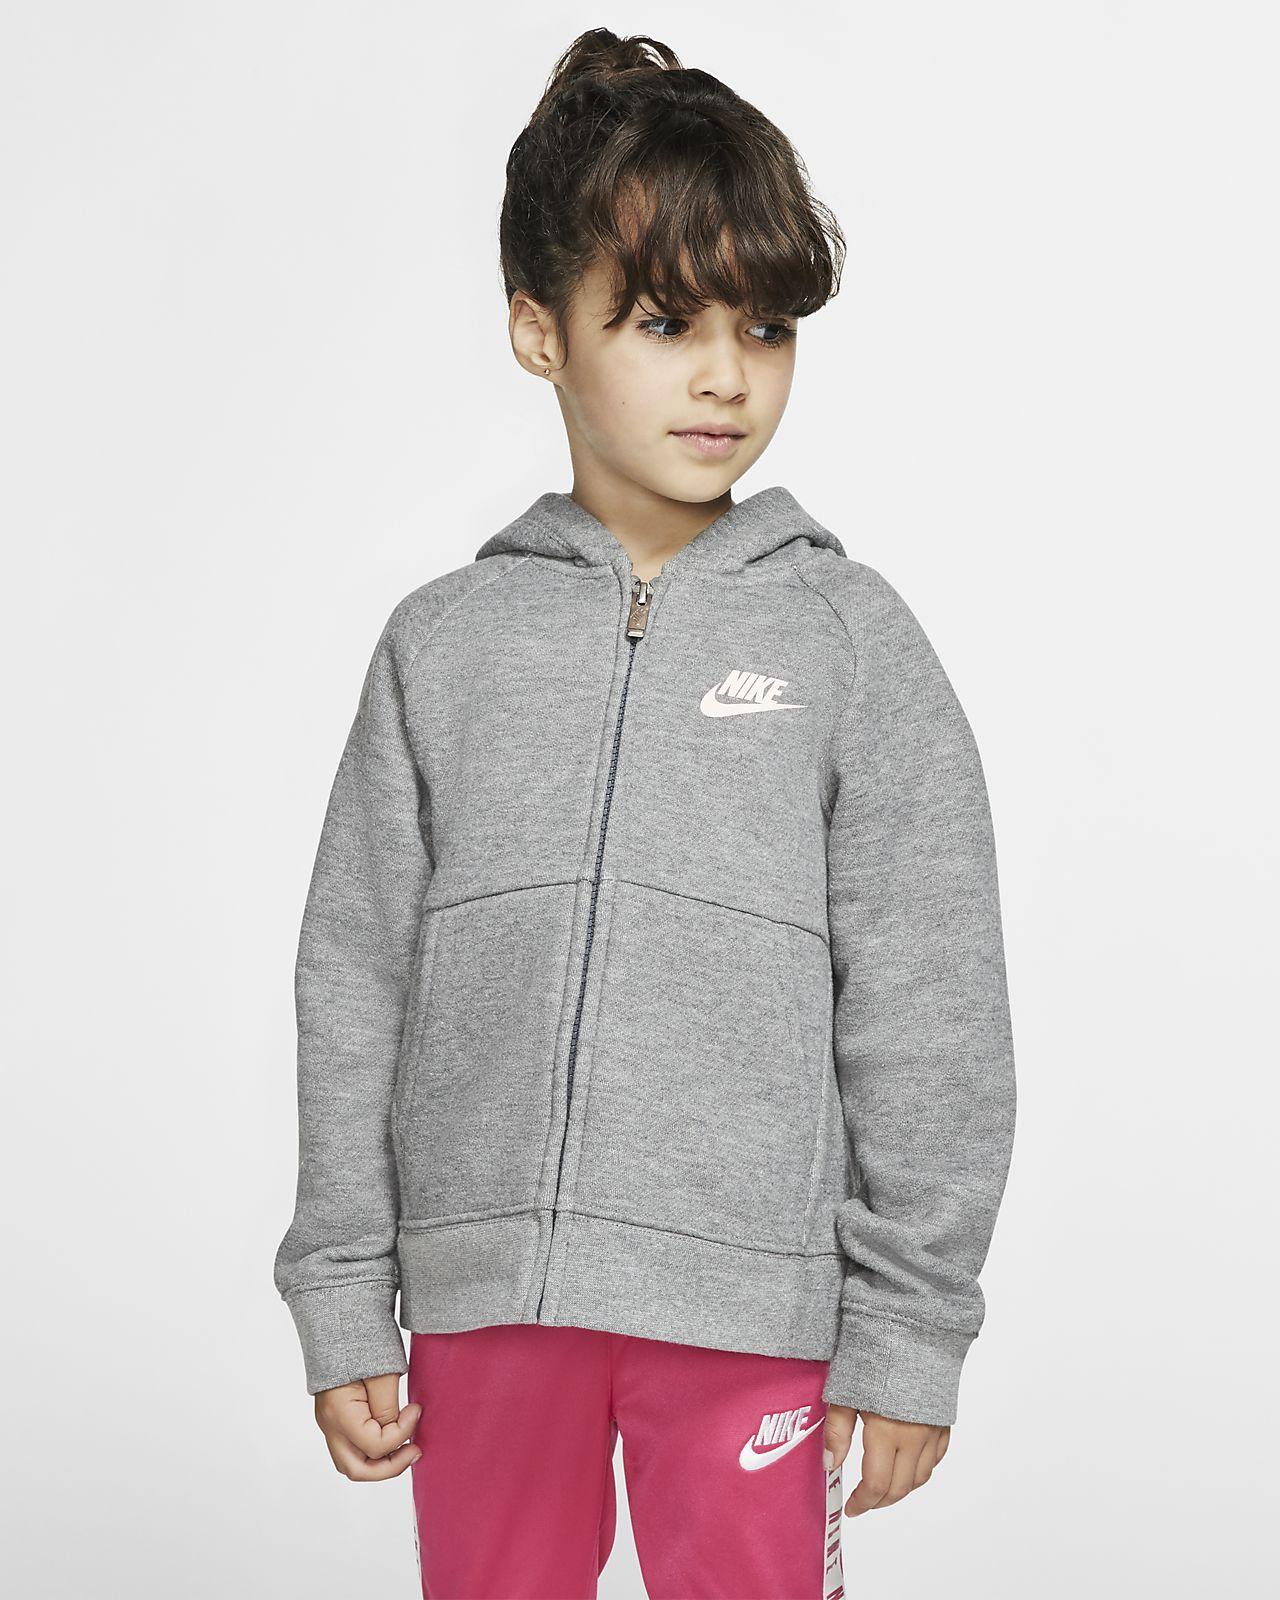 Felpa in fleece con cappuccio e zip a tutta lunghezza Nike Sportswear Bambini